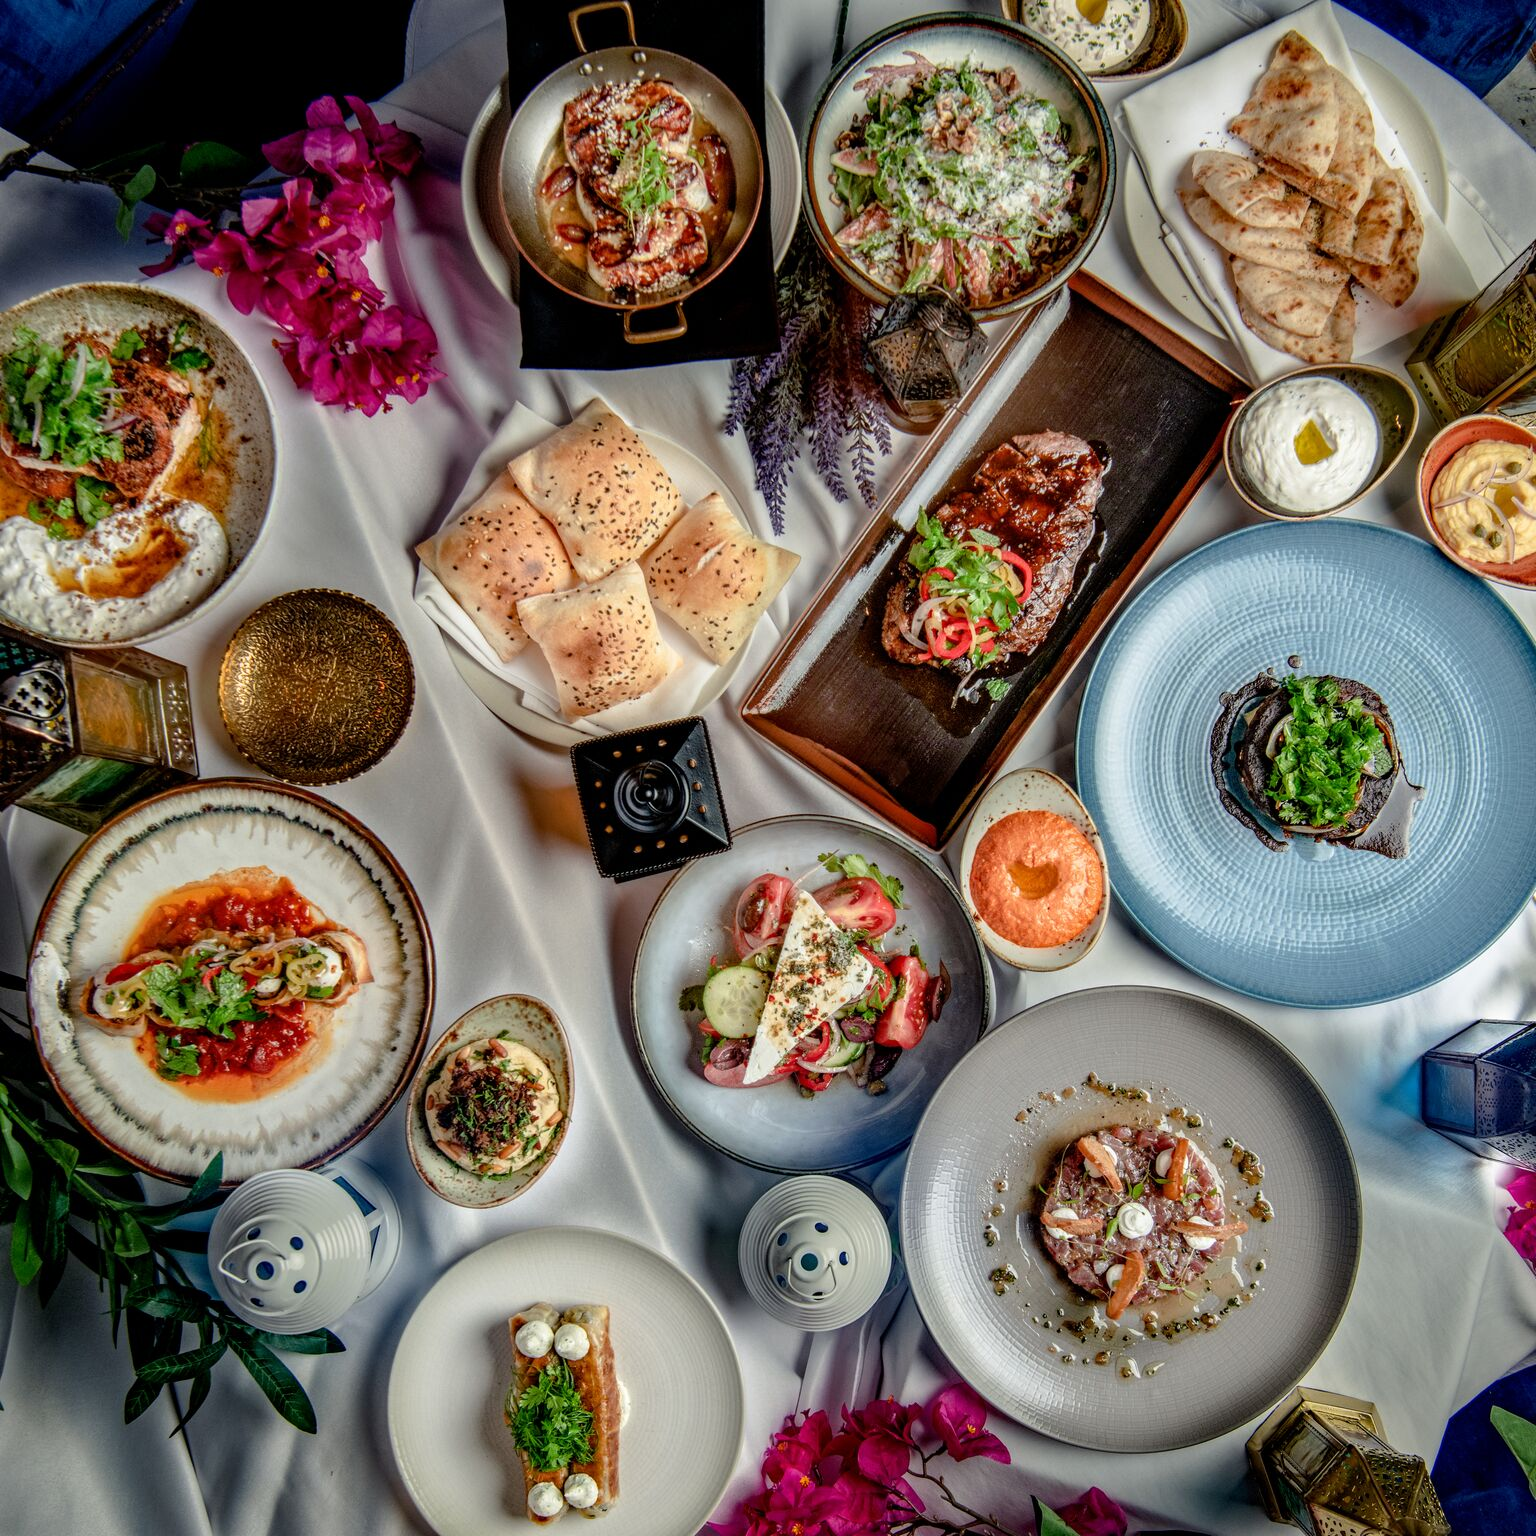 مطعم أوبا يقدم تجربة طعام مُستوحاة من الجزر اليونانية خلال شهر رمضان الكريم